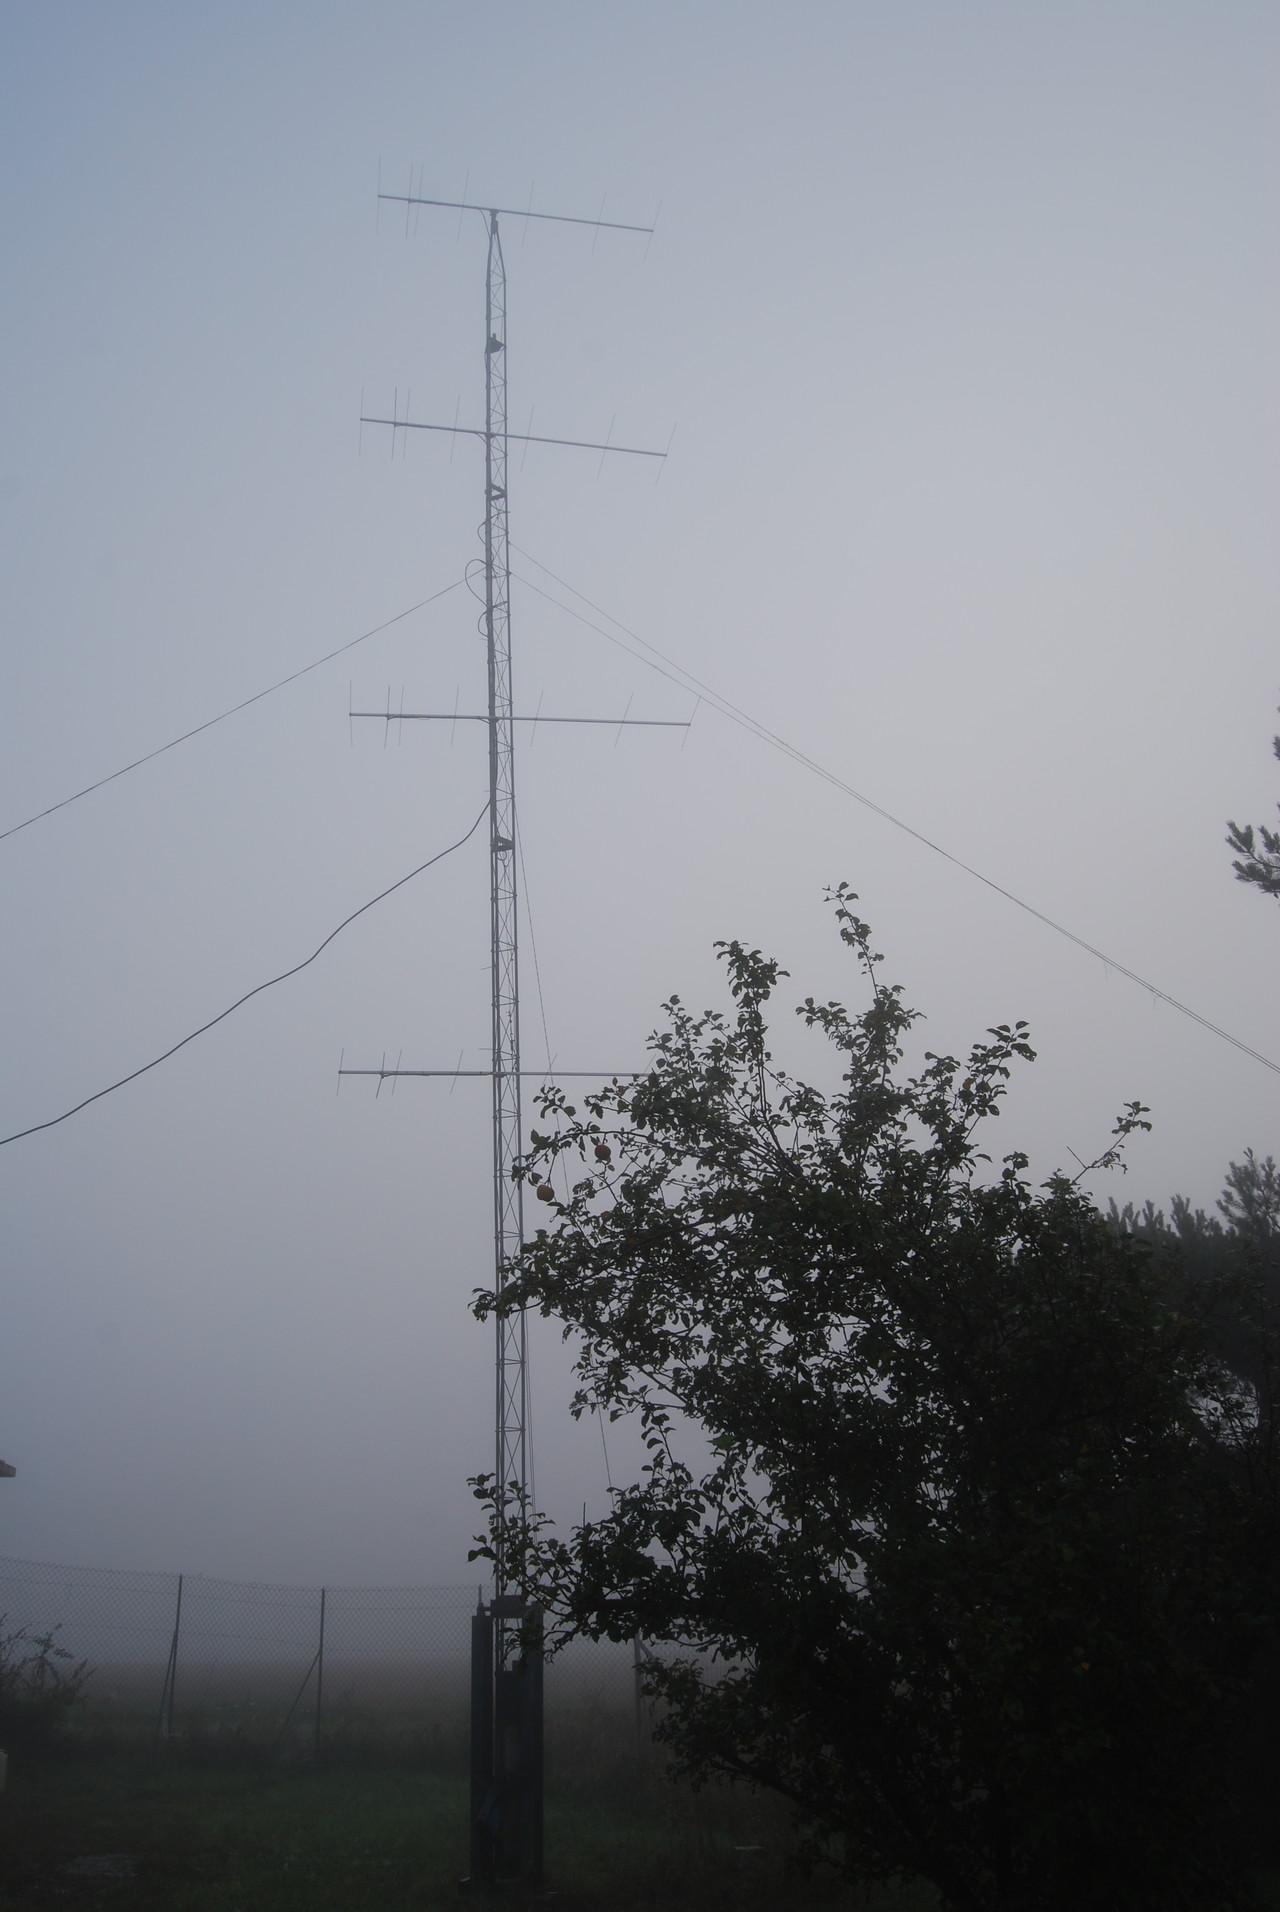 Sunday morning with fog